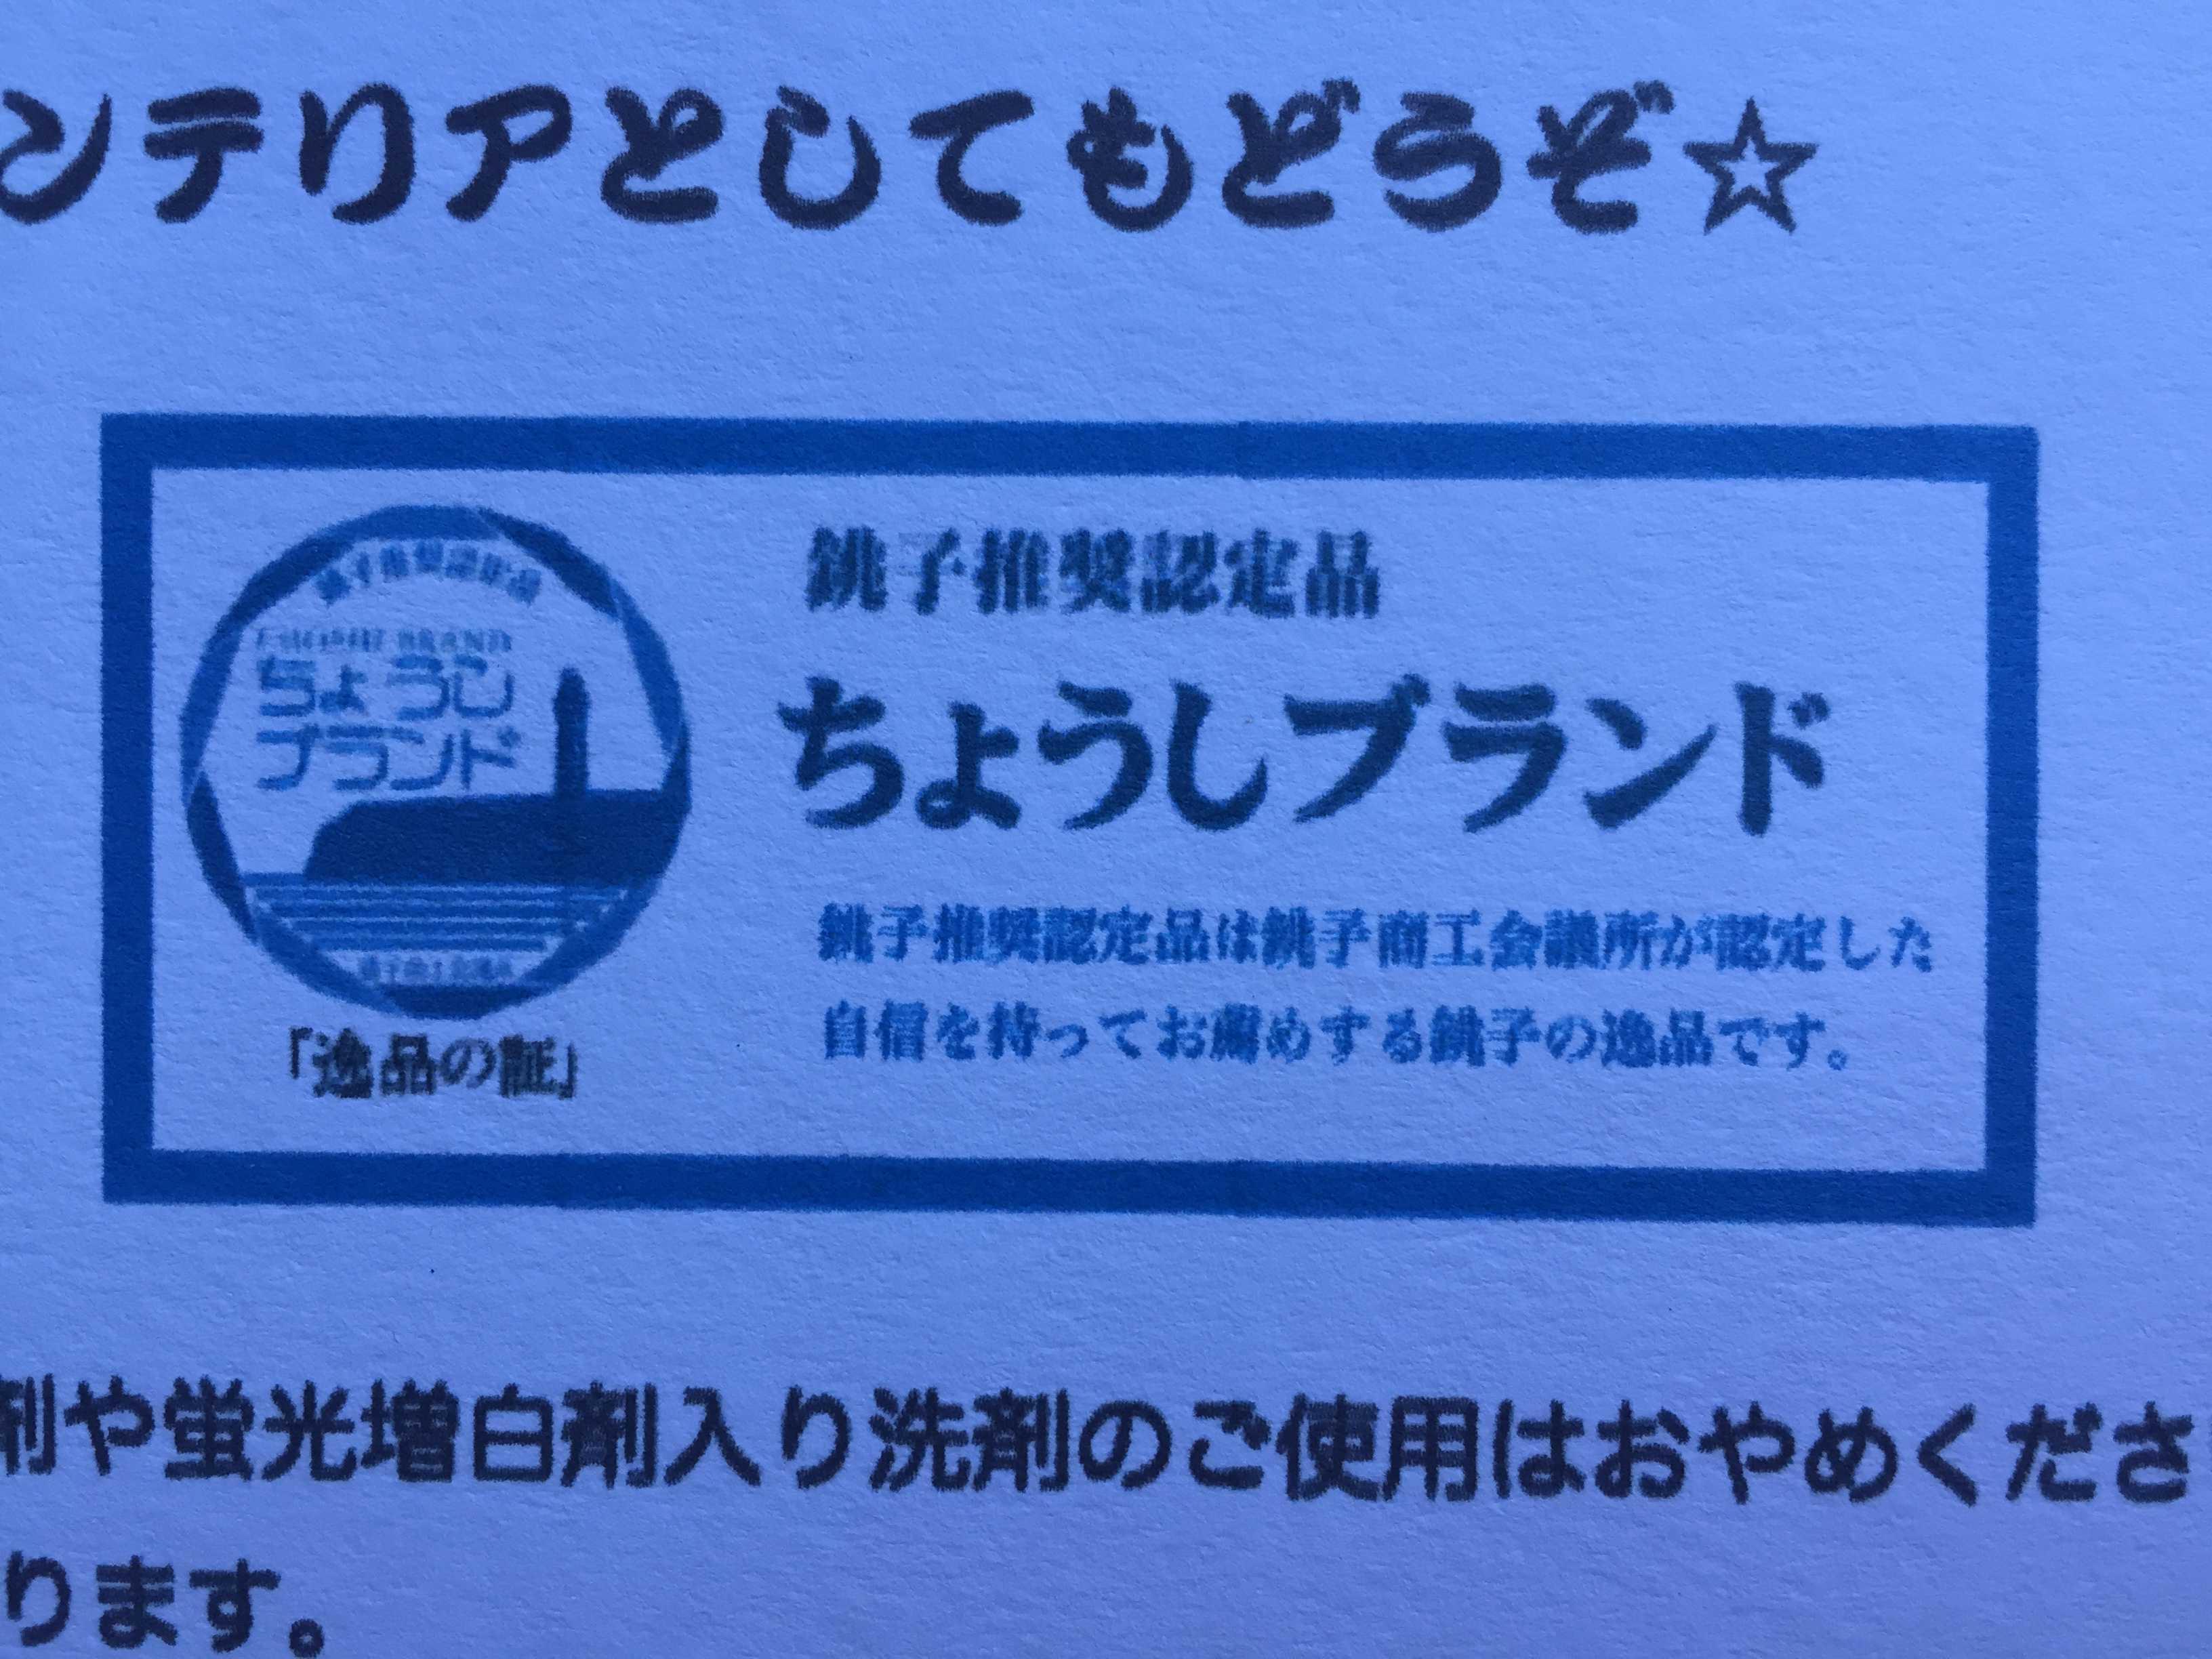 銚子推奨認定品  ちょうしブランド